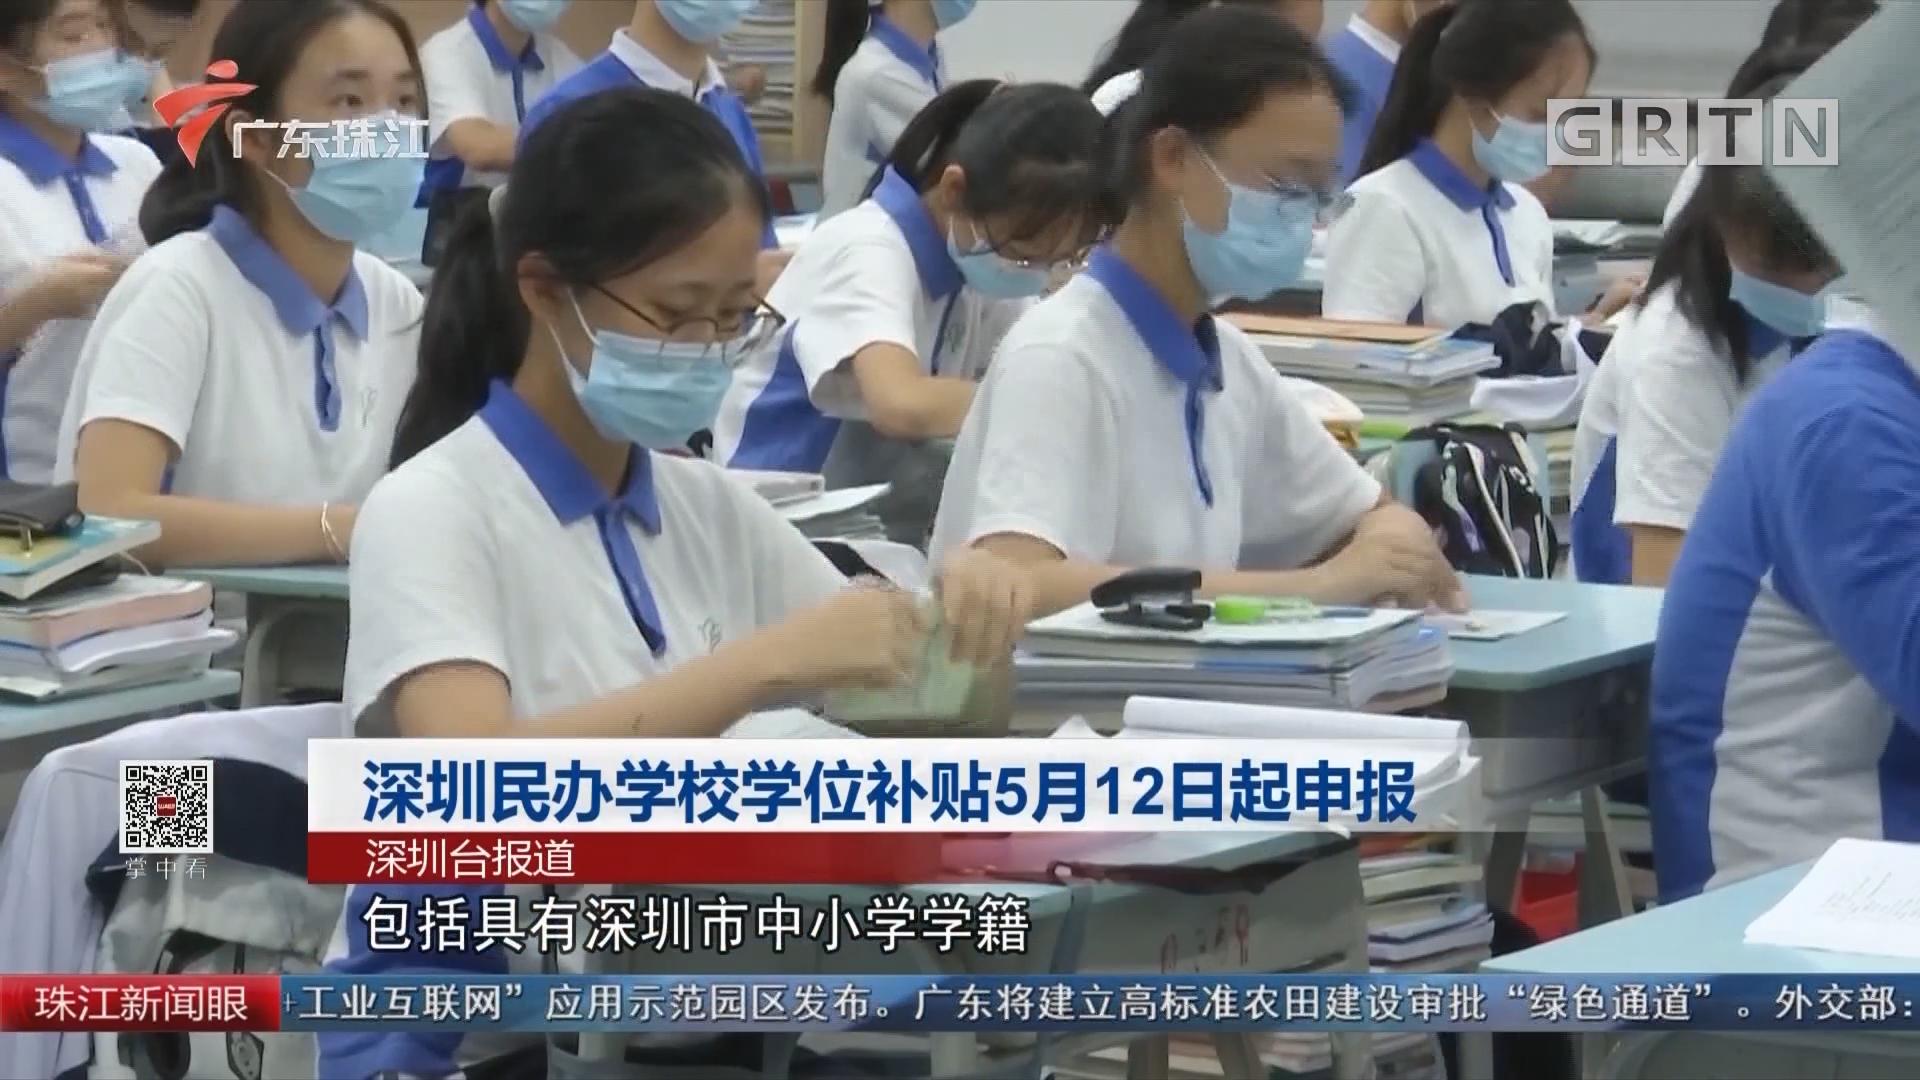 深圳民辦學校學位補貼5月12日起申報